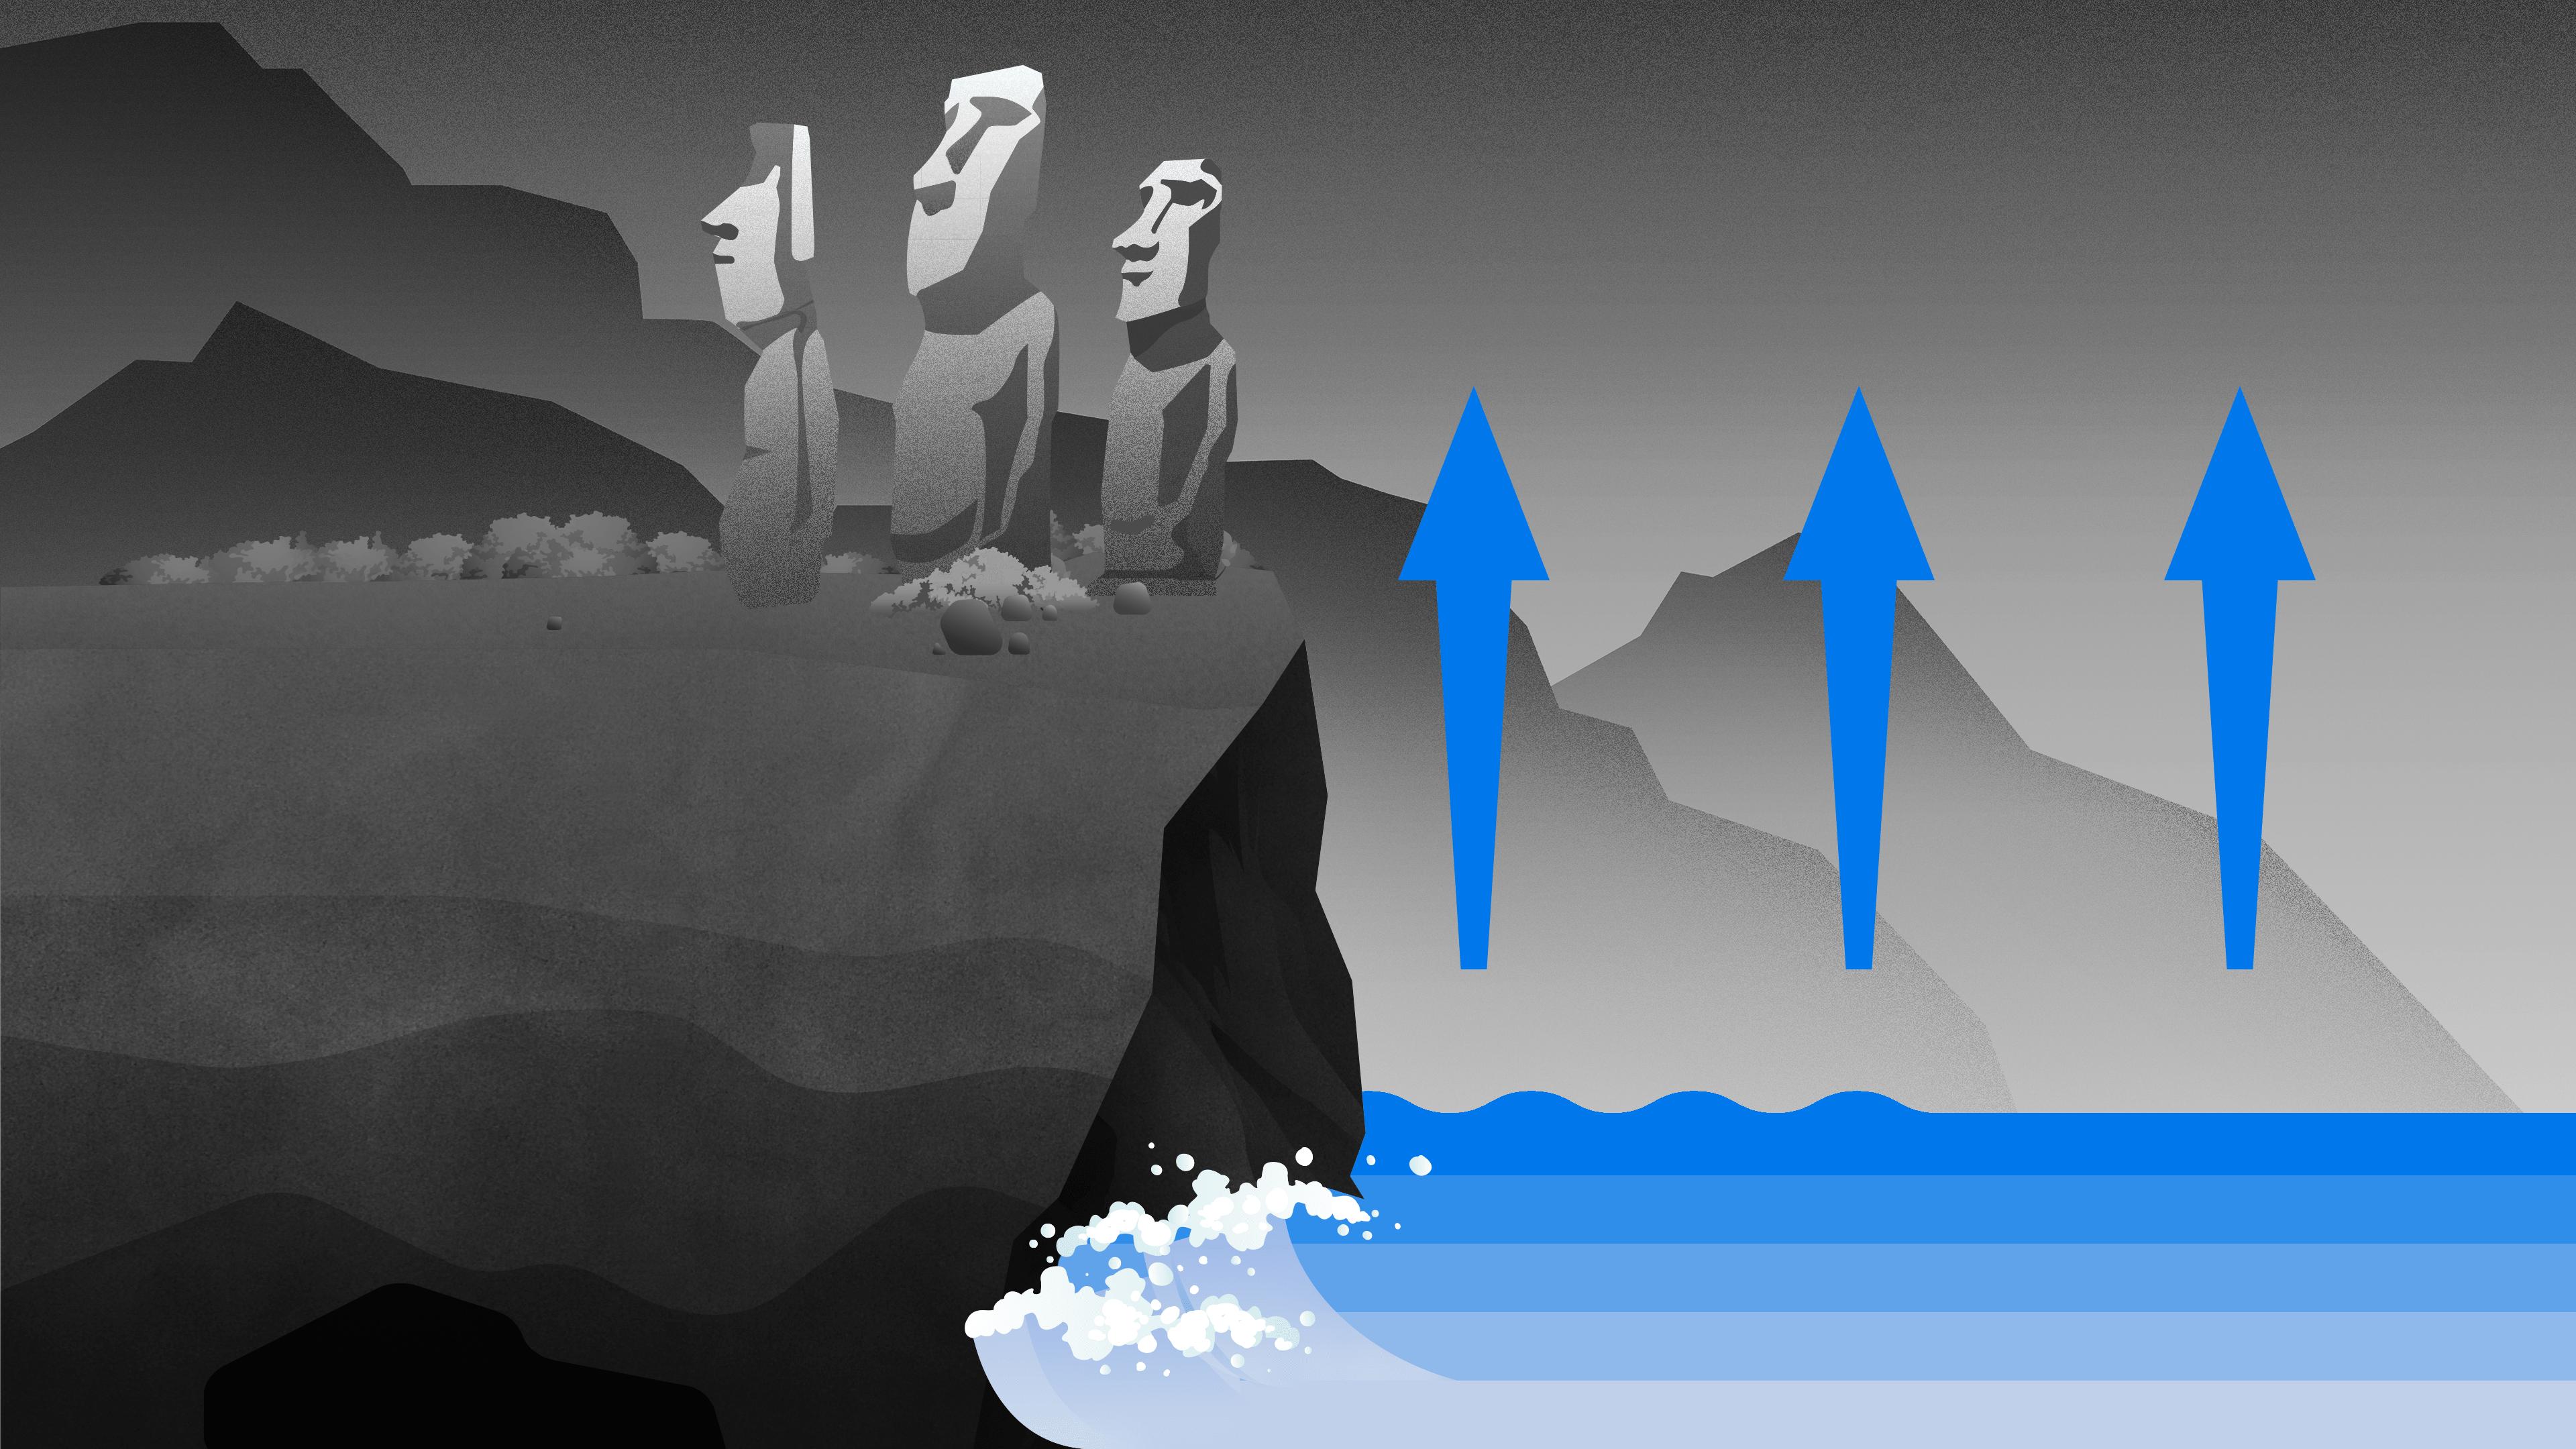 Dziedzictwo na krawędzi posiągi z wyspy wielkanocnej